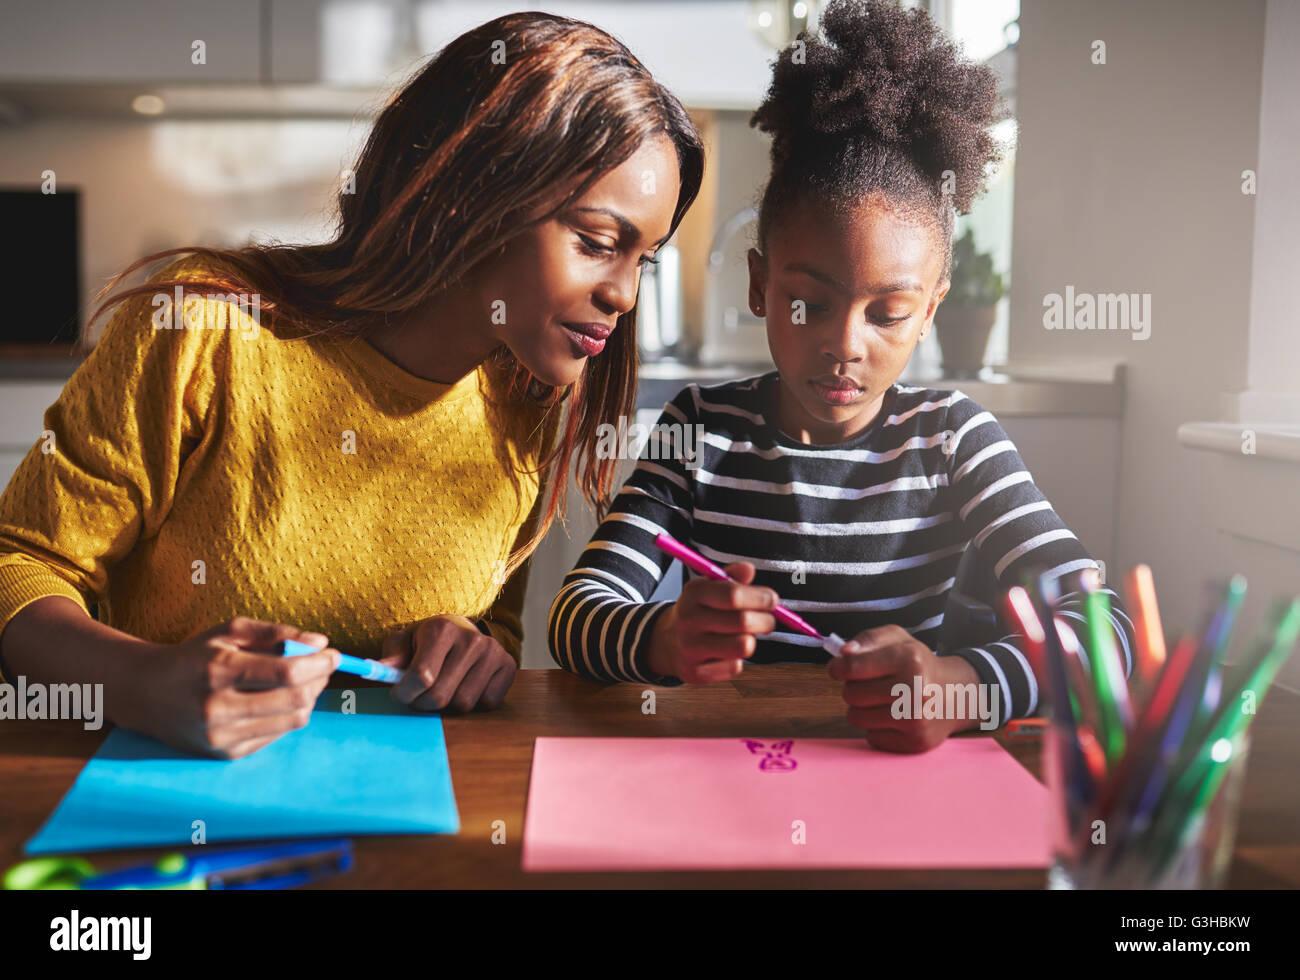 La mamá y el niño dibuja en la cocina, madre e hija negra Imagen De Stock